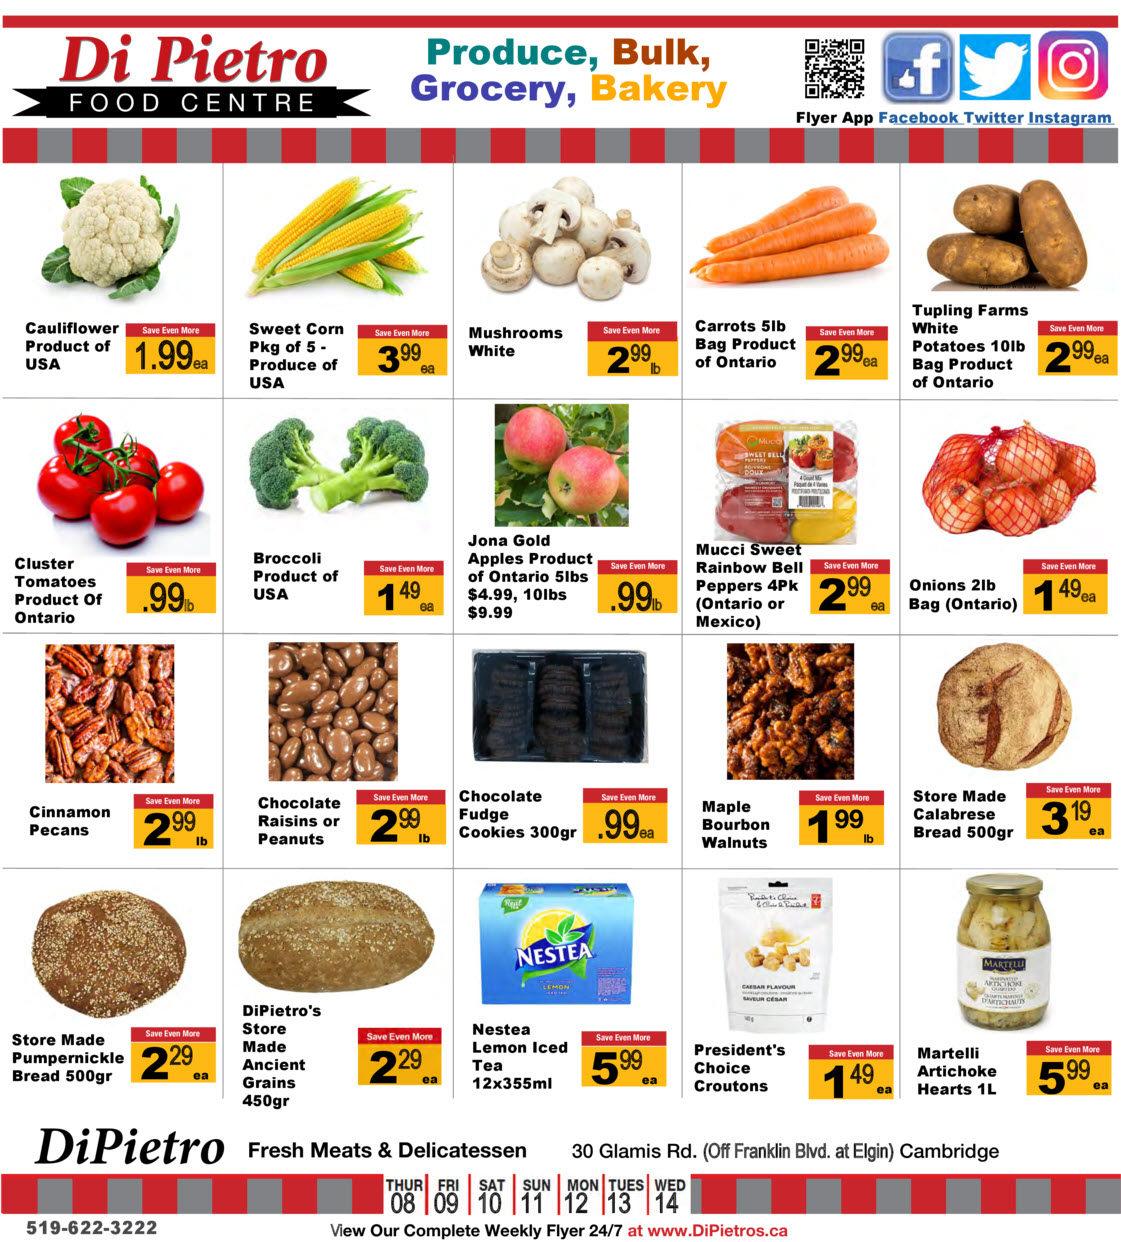 DiPietro - Weekly Flyer Specials - Page 5